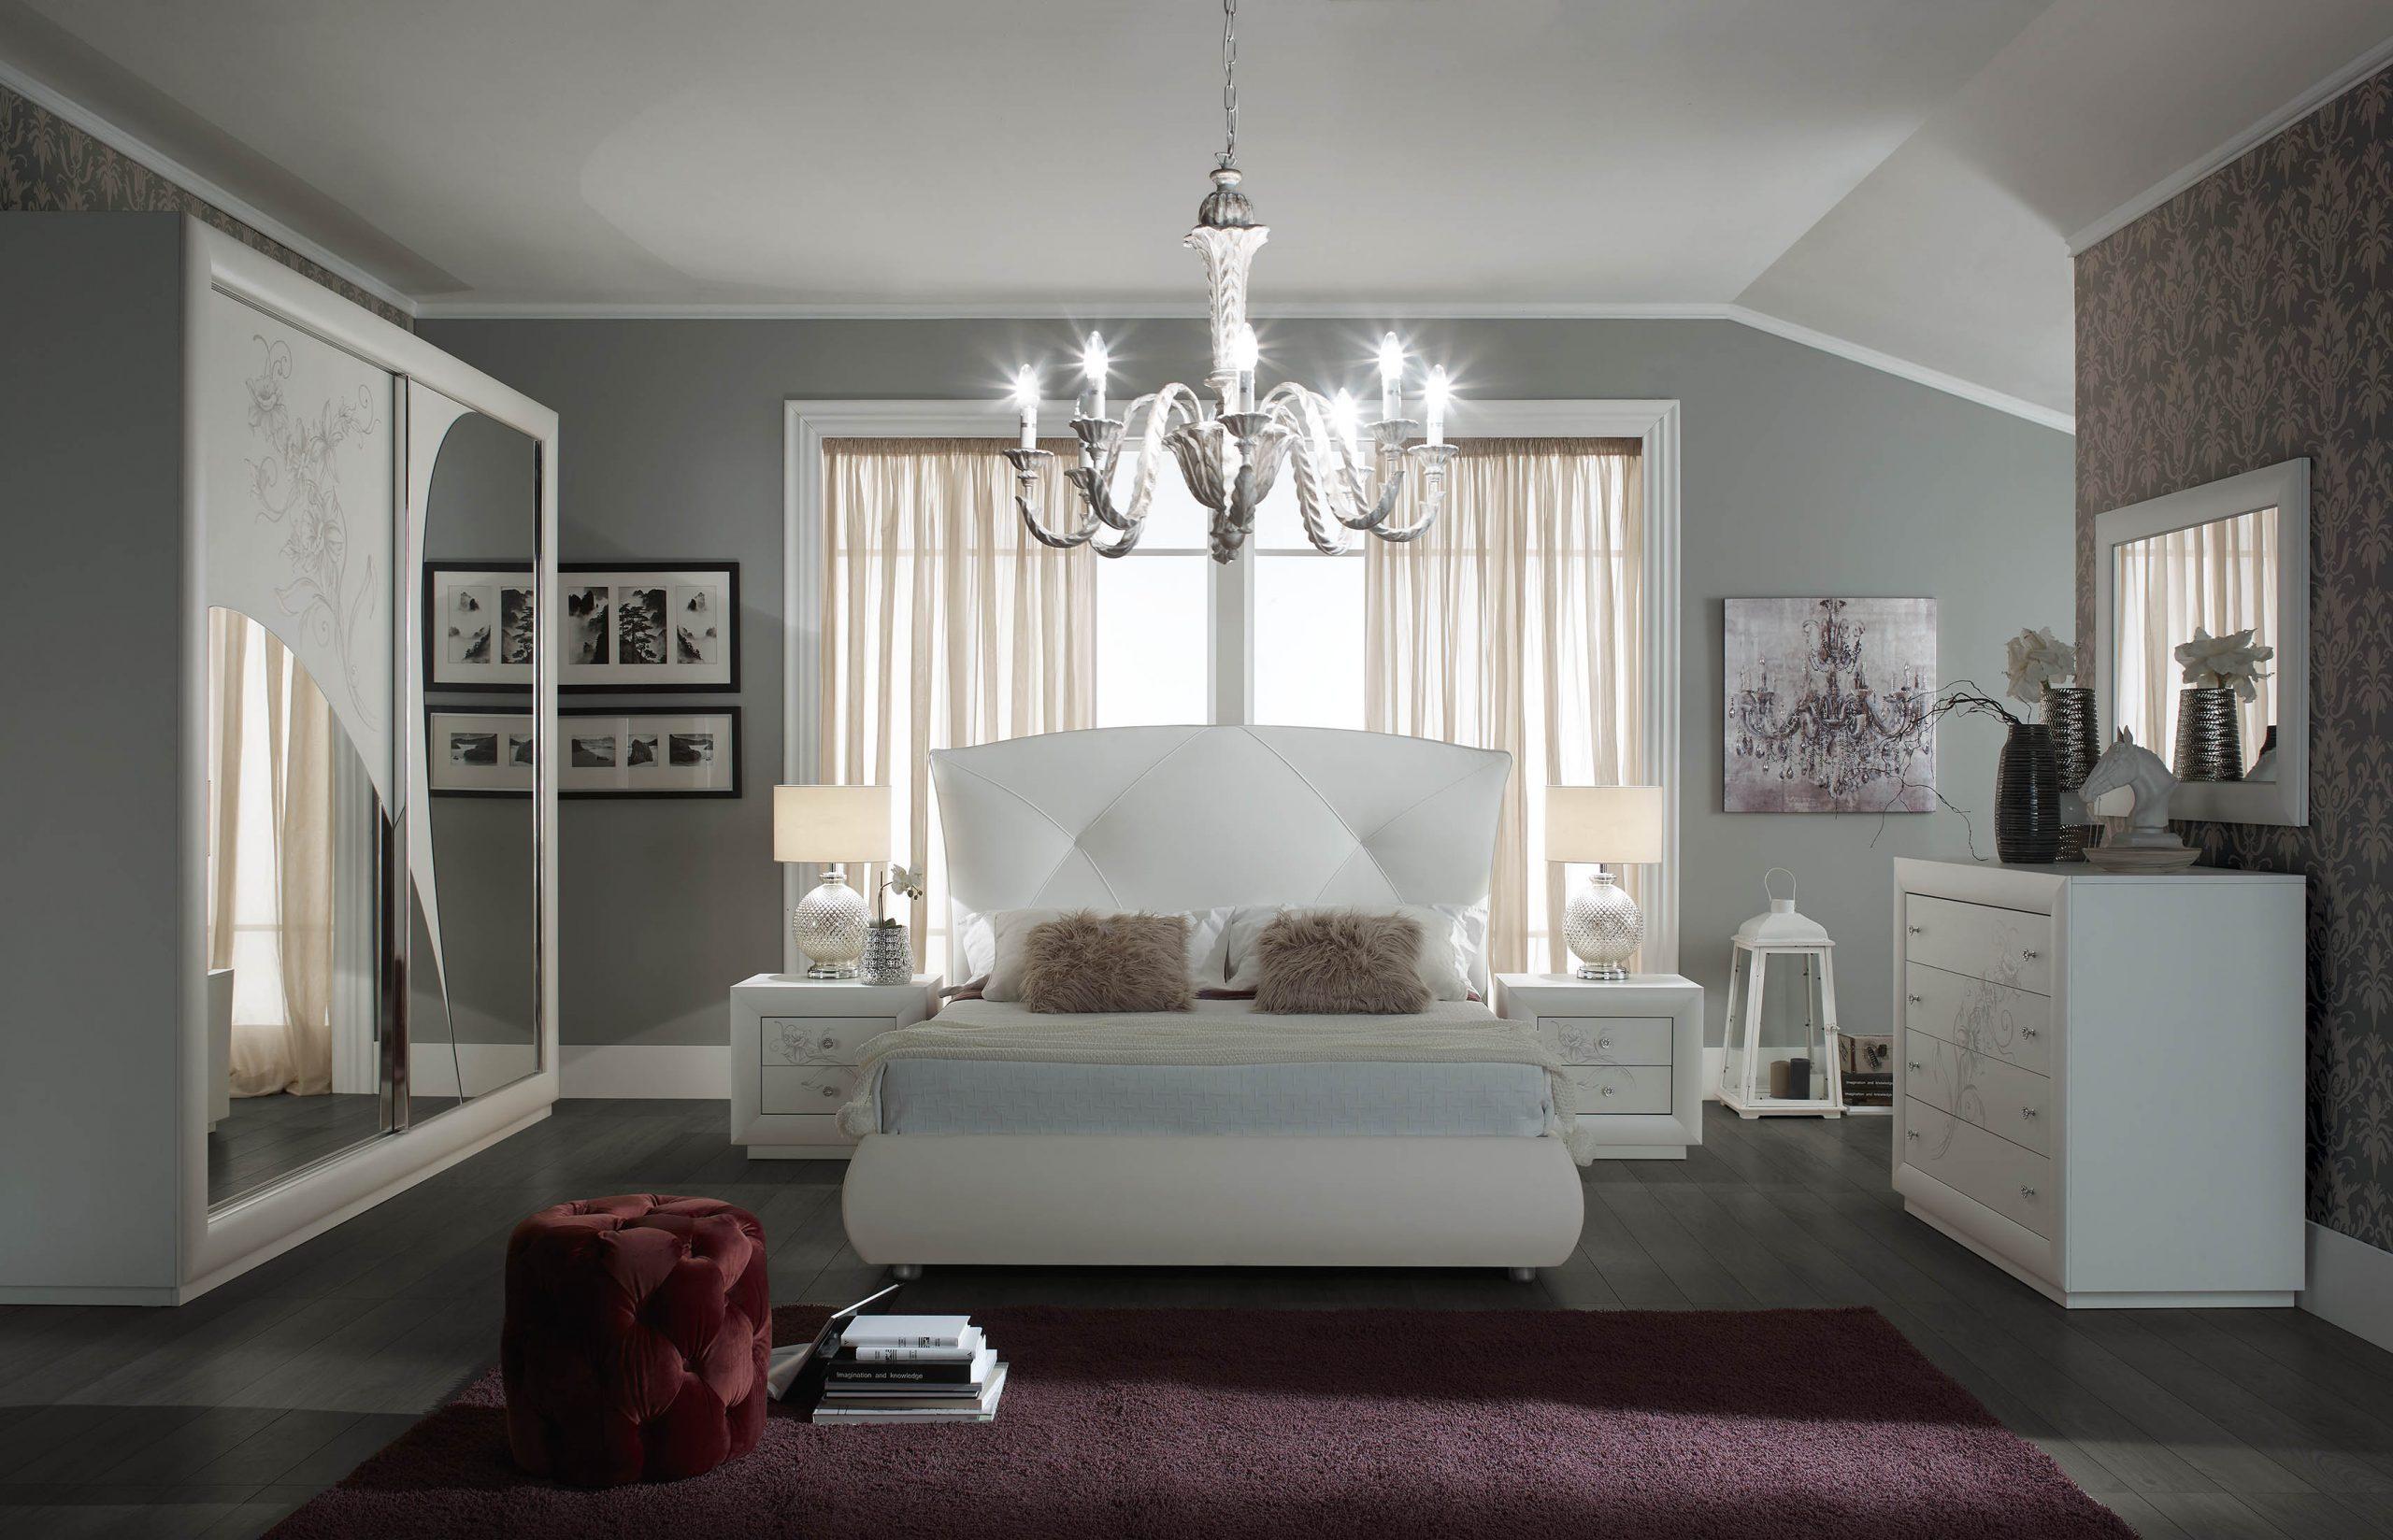 Full Size of Schlafzimmer Günstig Italienische Barockmbel Sicher Und Schnell Online Gnstig Sessel Set Bett Deckenleuchte Modern Günstige Xxl Sofa Landhaus Komplett Schlafzimmer Schlafzimmer Günstig